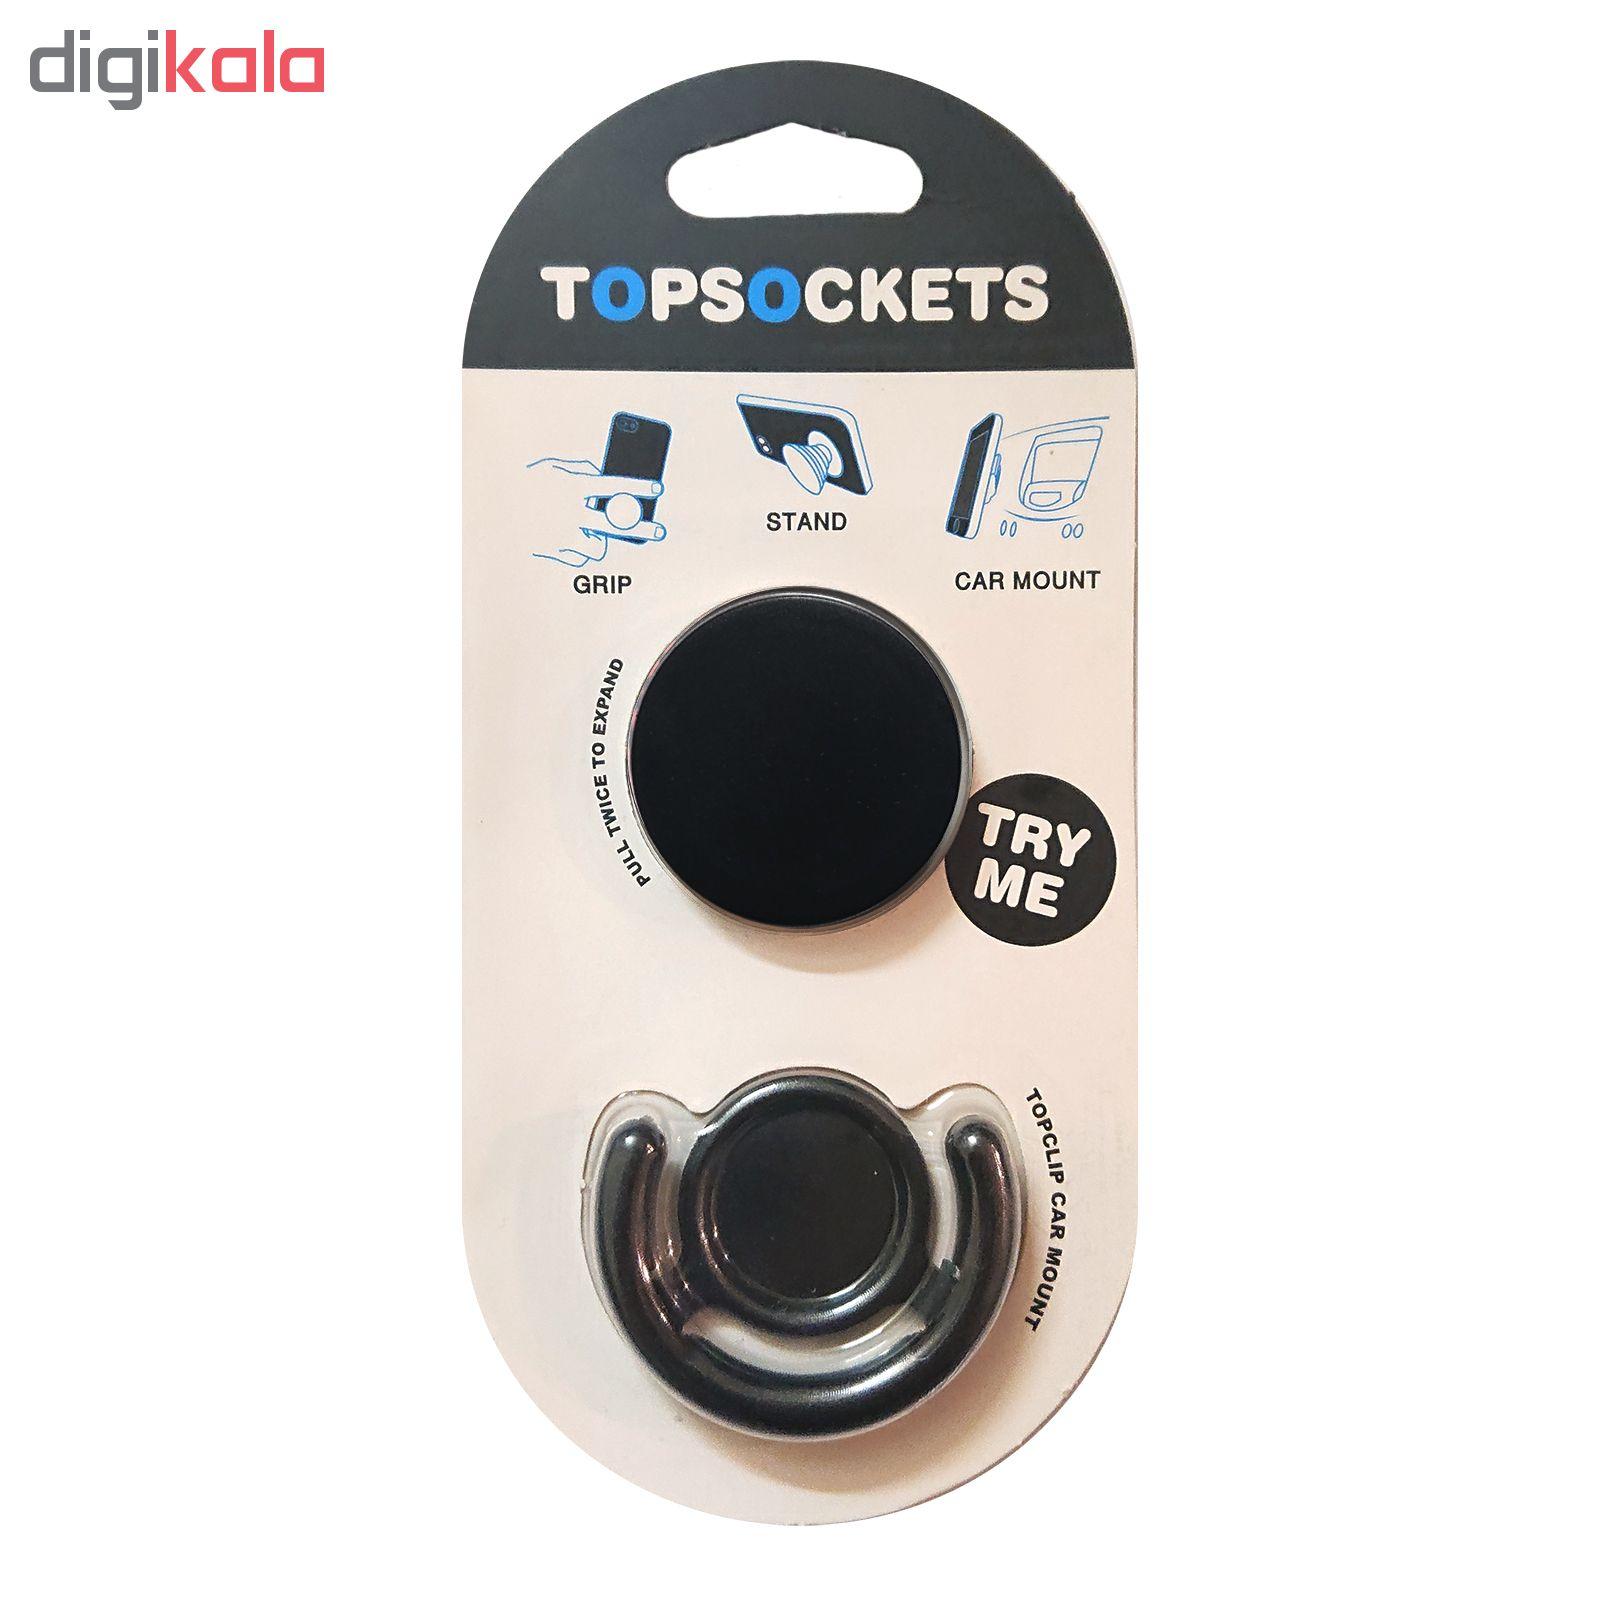 پایه نگهدارنده گوشی موبایل پاپ سوکت مدل تاپ سوکت 101 main 1 1